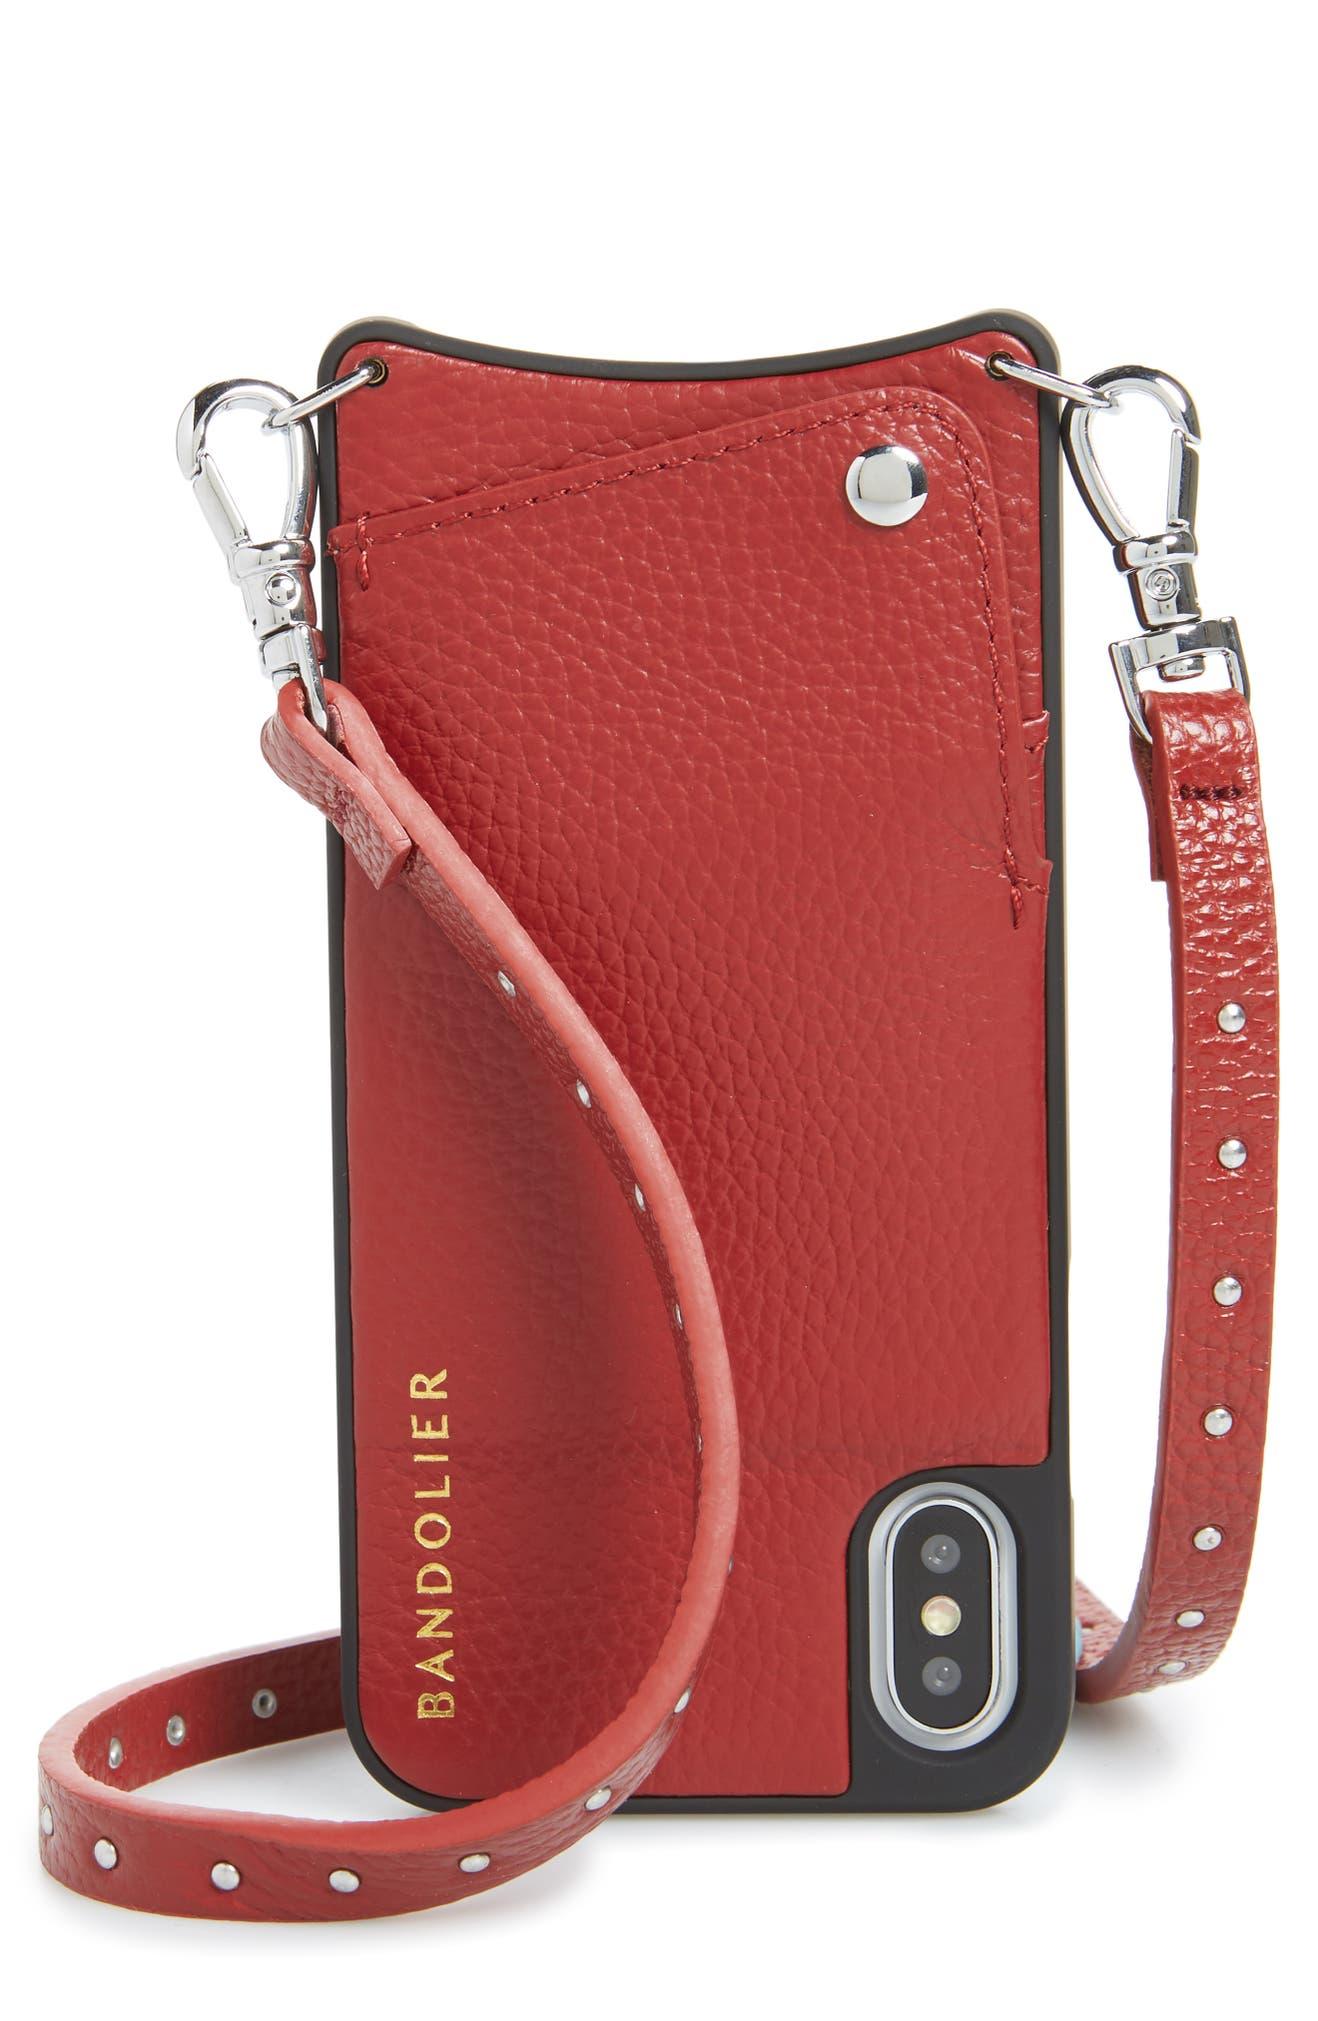 119dbdfddd87 Bandolier Nicole Pebbled Leather X Xs Xs Max   XR Crossbody Case ...